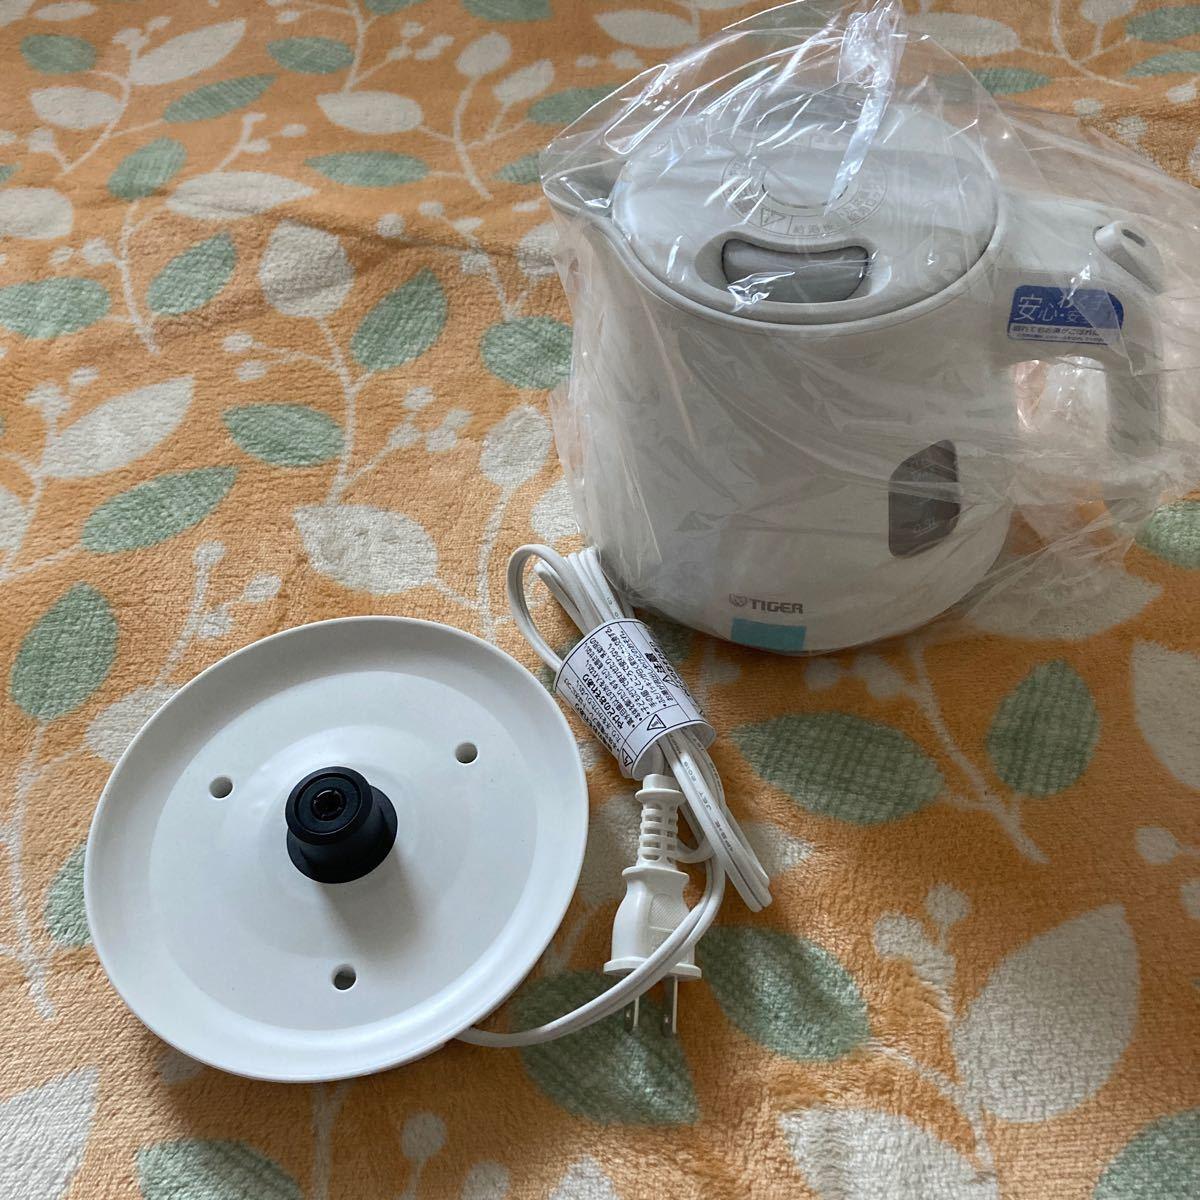 わく子 電気ケトル PCM-A060(WM) (マットホワイト)